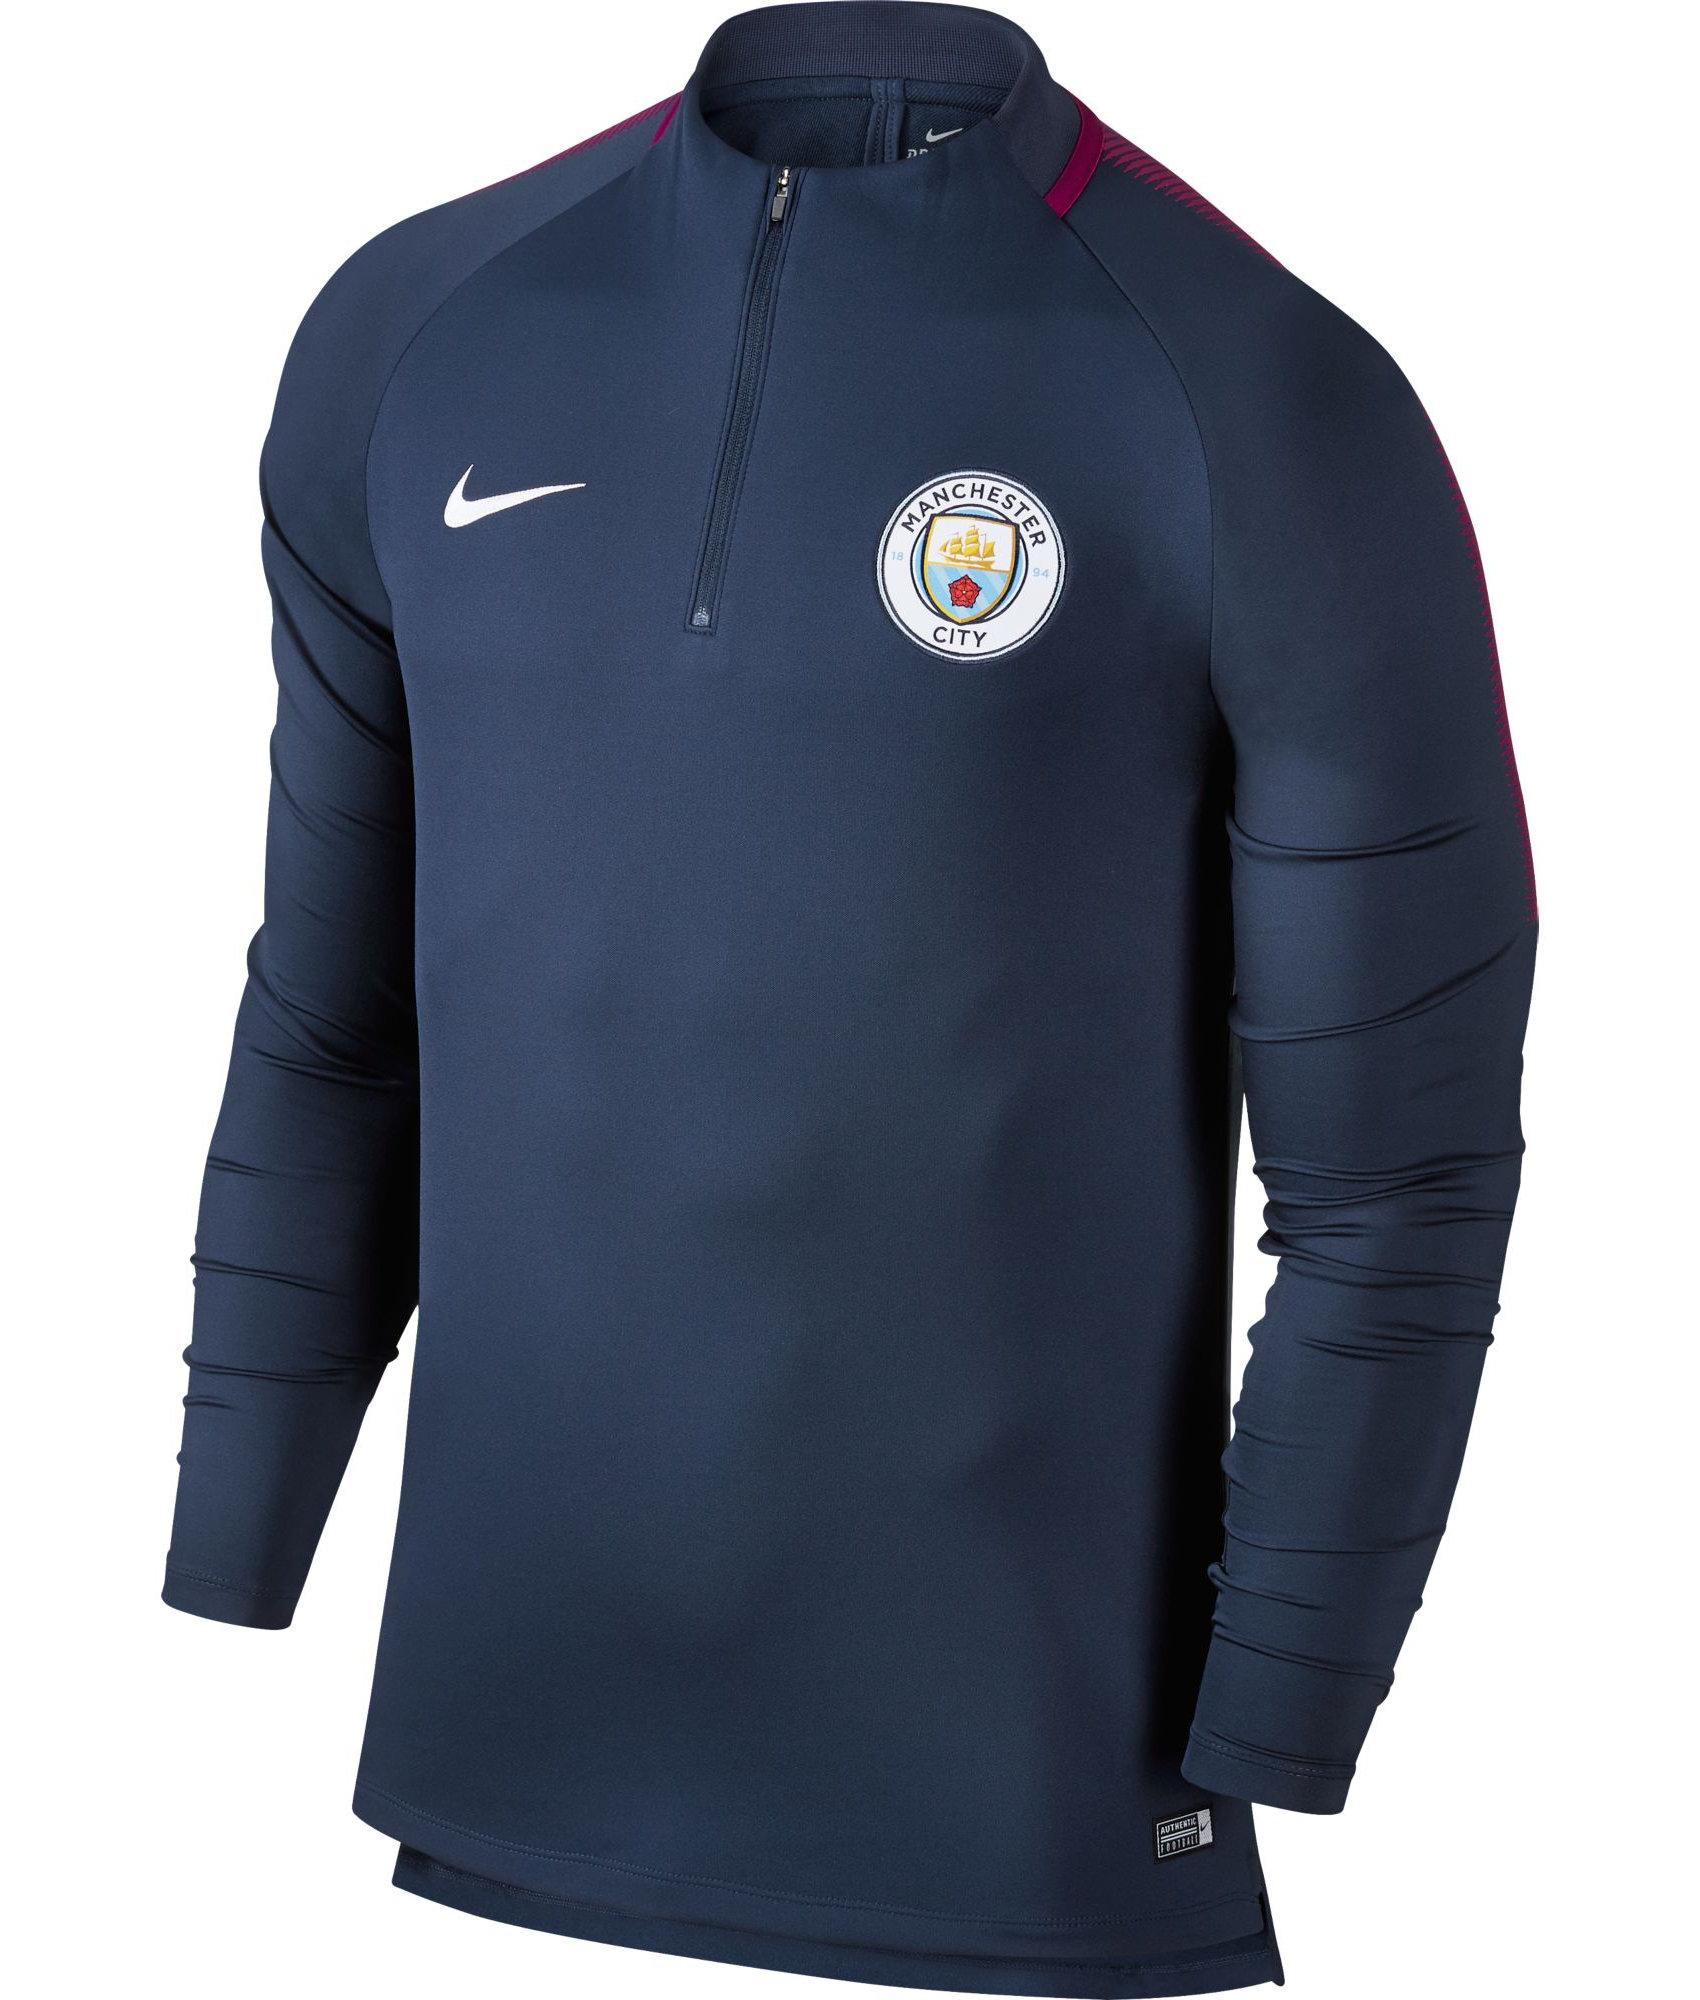 Manchester-City-Nike-Felpa-Allenamento-Blu-2017-18-Drill-Top-mezza-zip